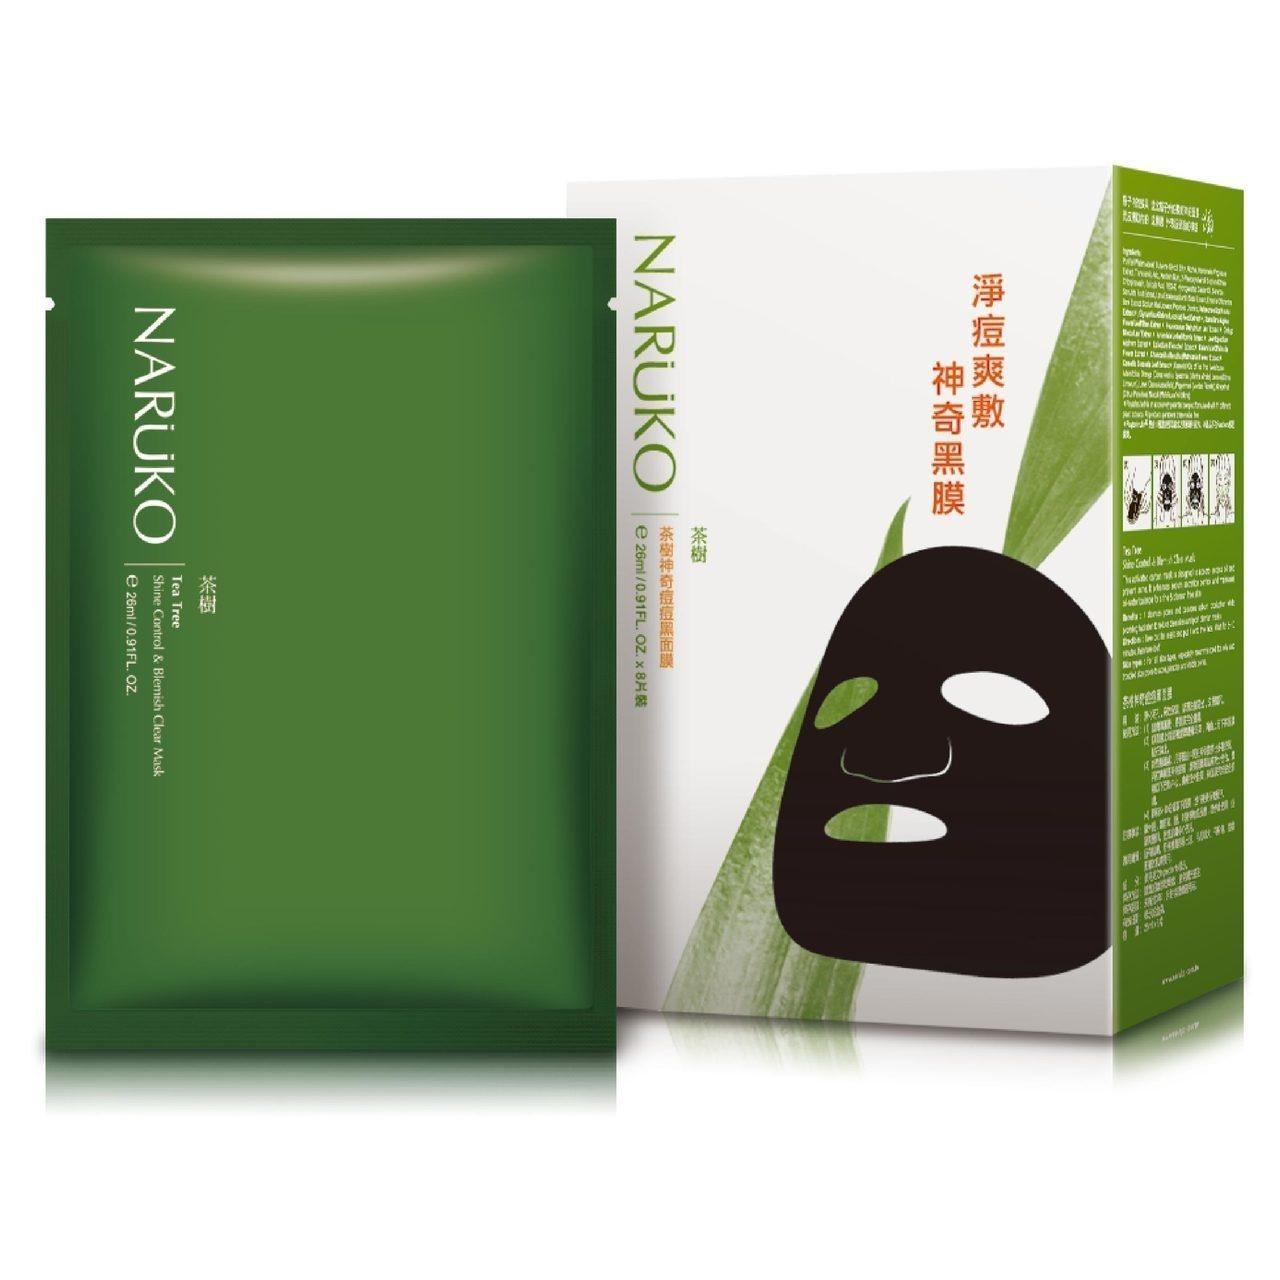 屈臣氏「面膜瘋買榜Top 3」台灣消費者最愛買第一名:NARUKO茶樹神奇痘痘黑...